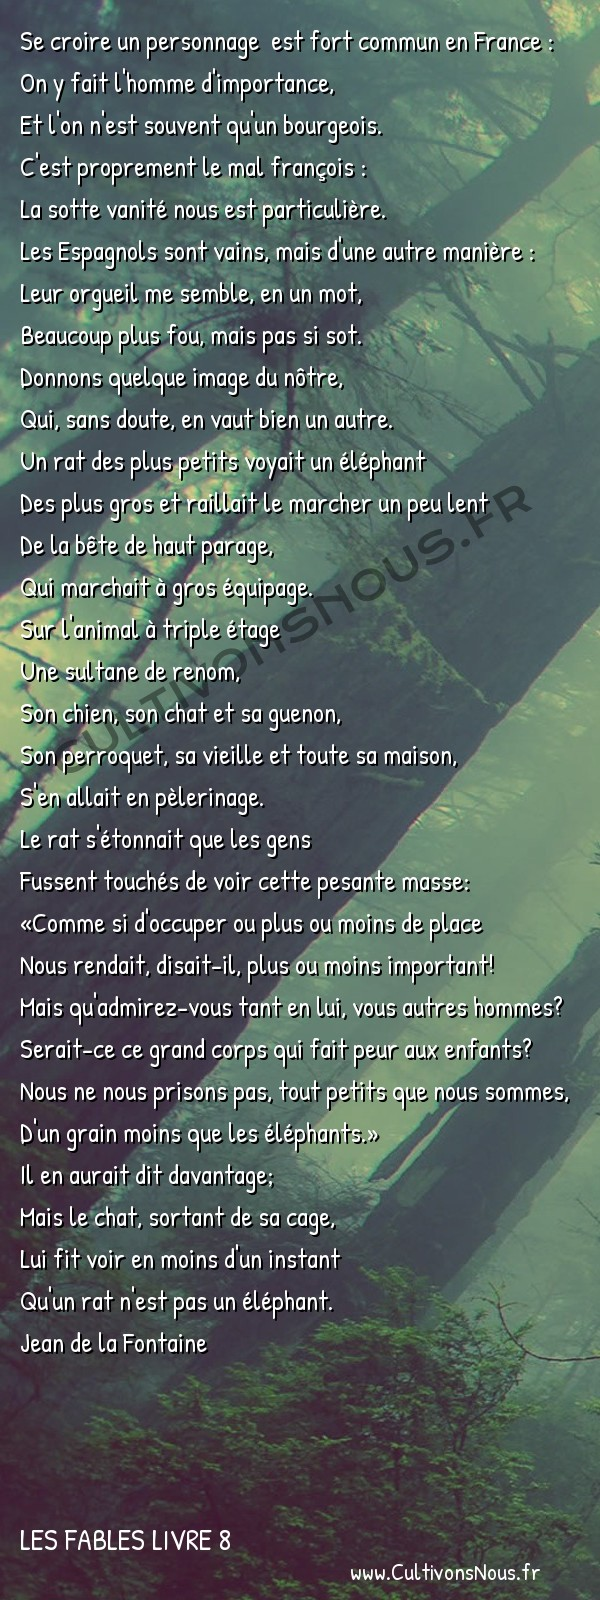 Fables Jean de la Fontaine - Les fables Livre 8 - Le Rat et l'Eléphant -   Se croire un personnage est fort commun en France : On y fait l'homme d'importance,